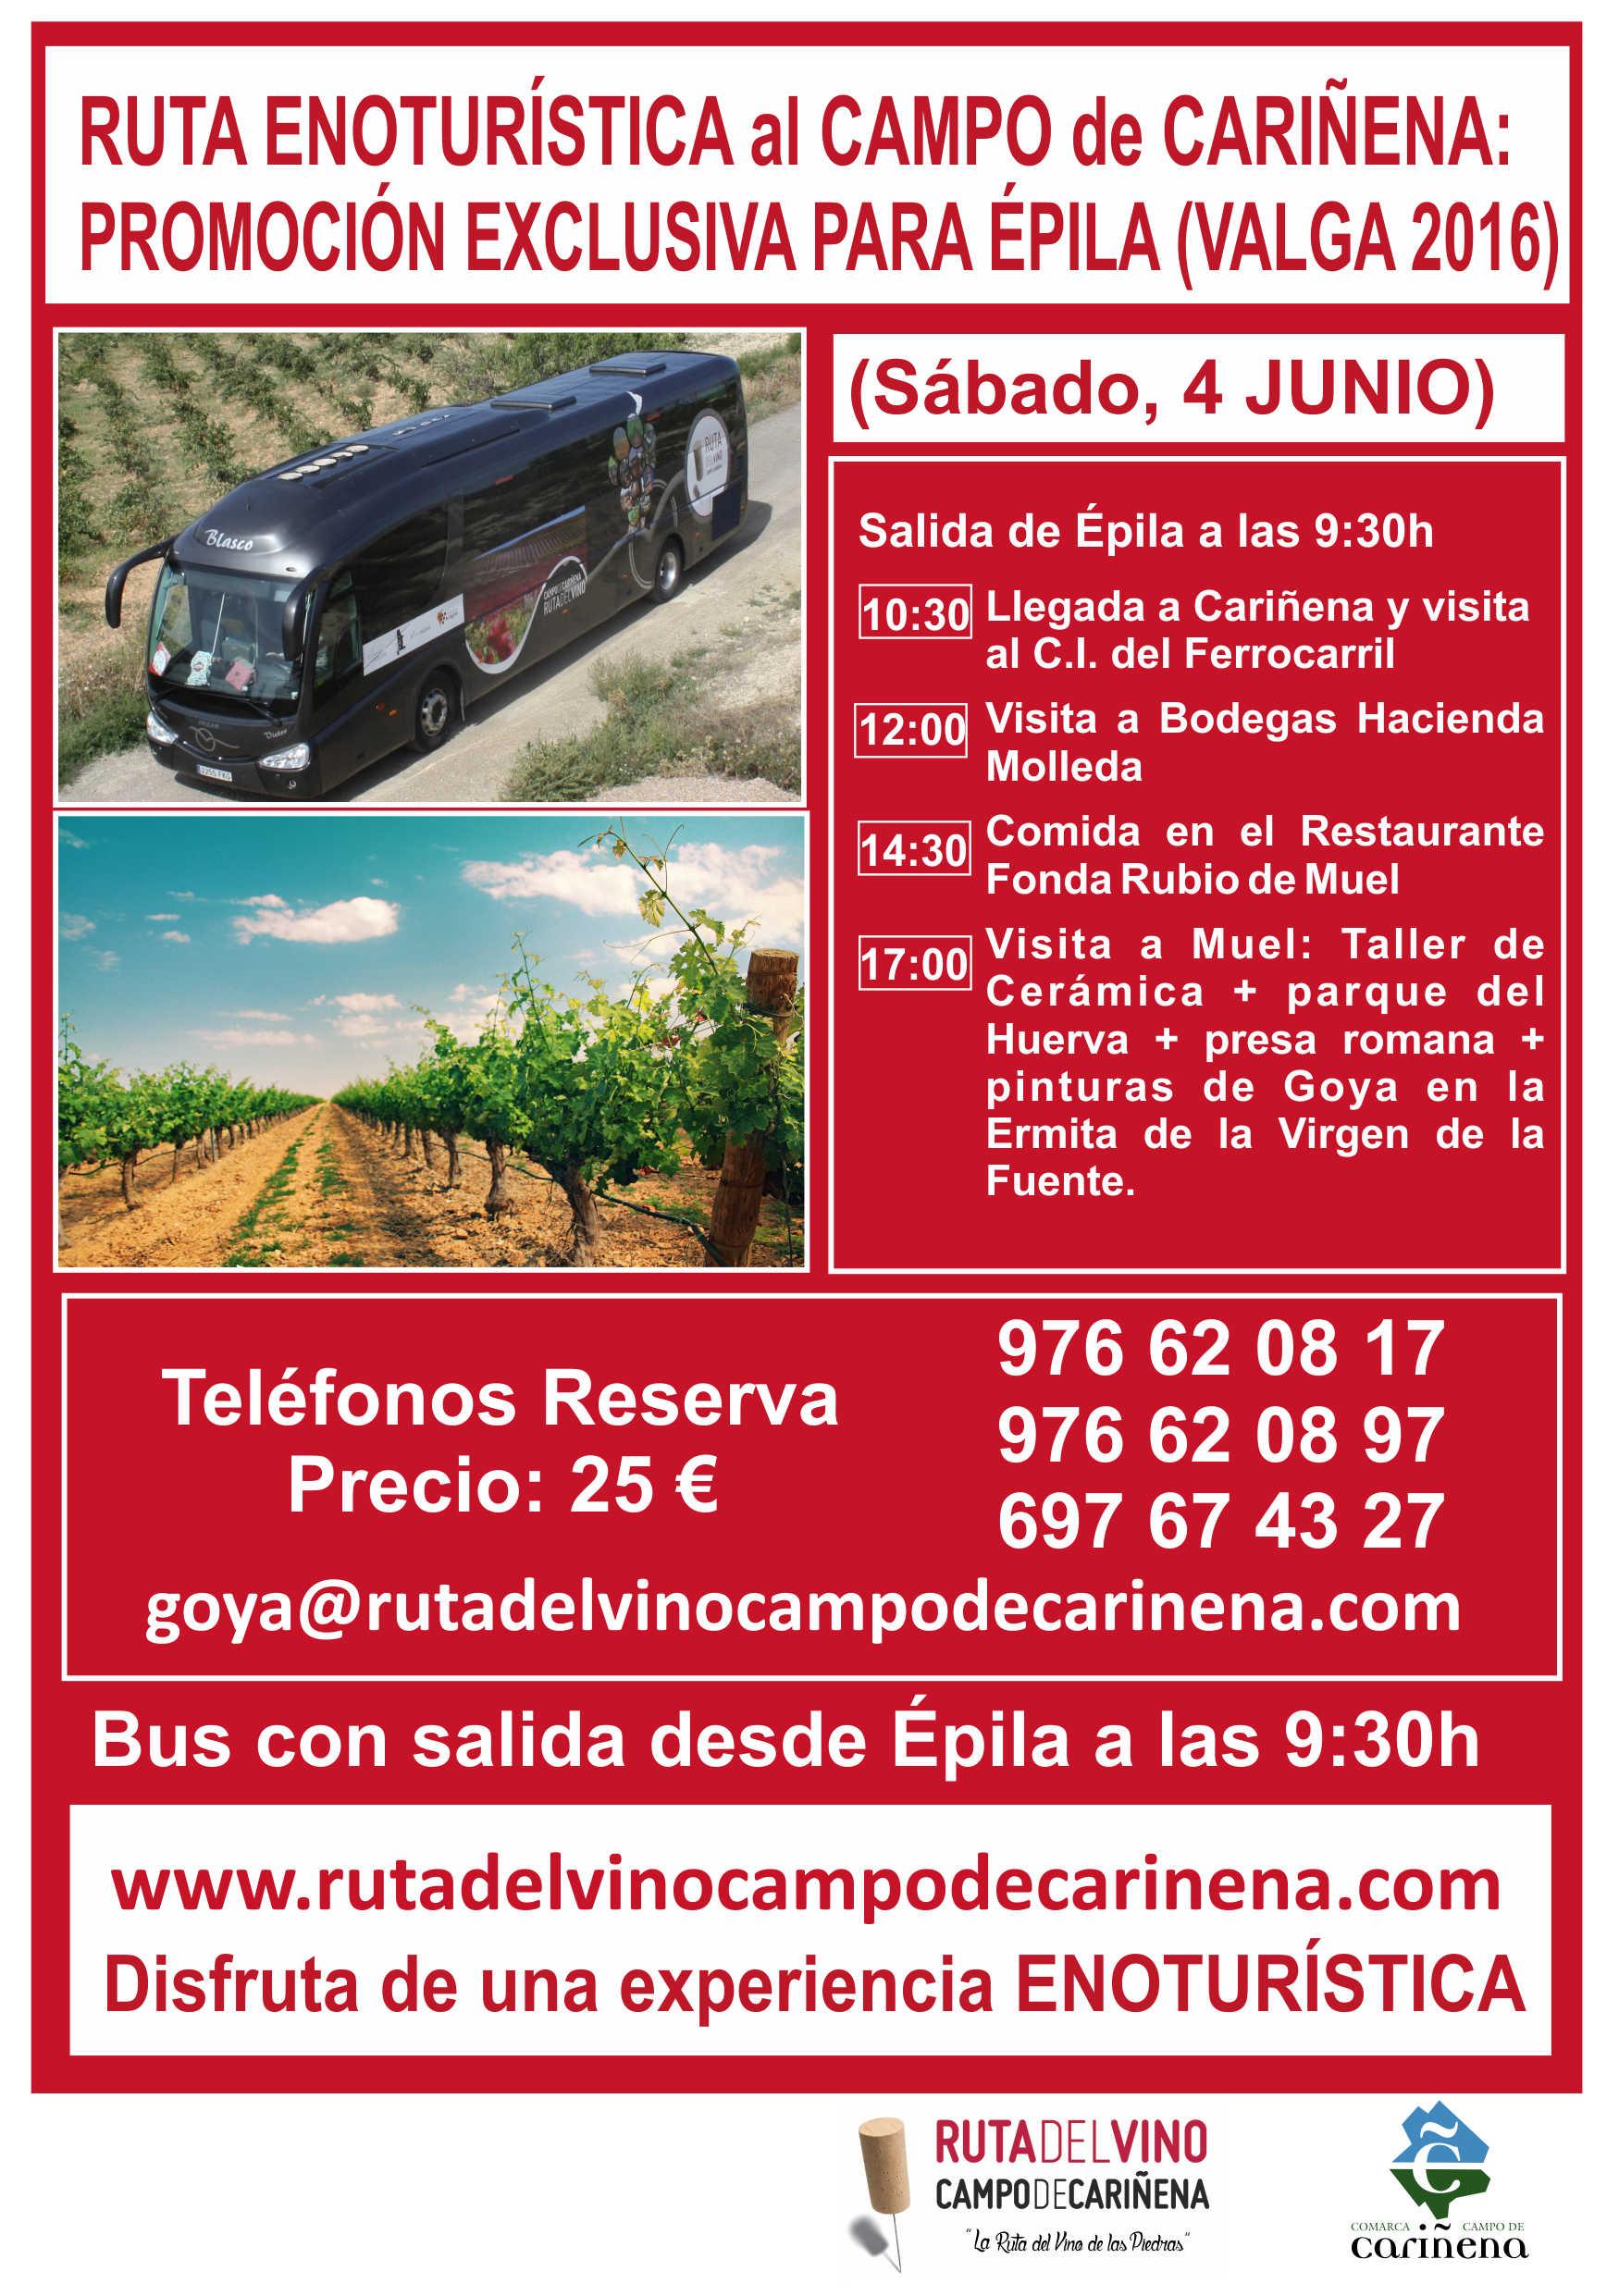 Ruta Enoturística al Campo de Cariñena: Promoción exclusiva para Épila (VALGA 2016)